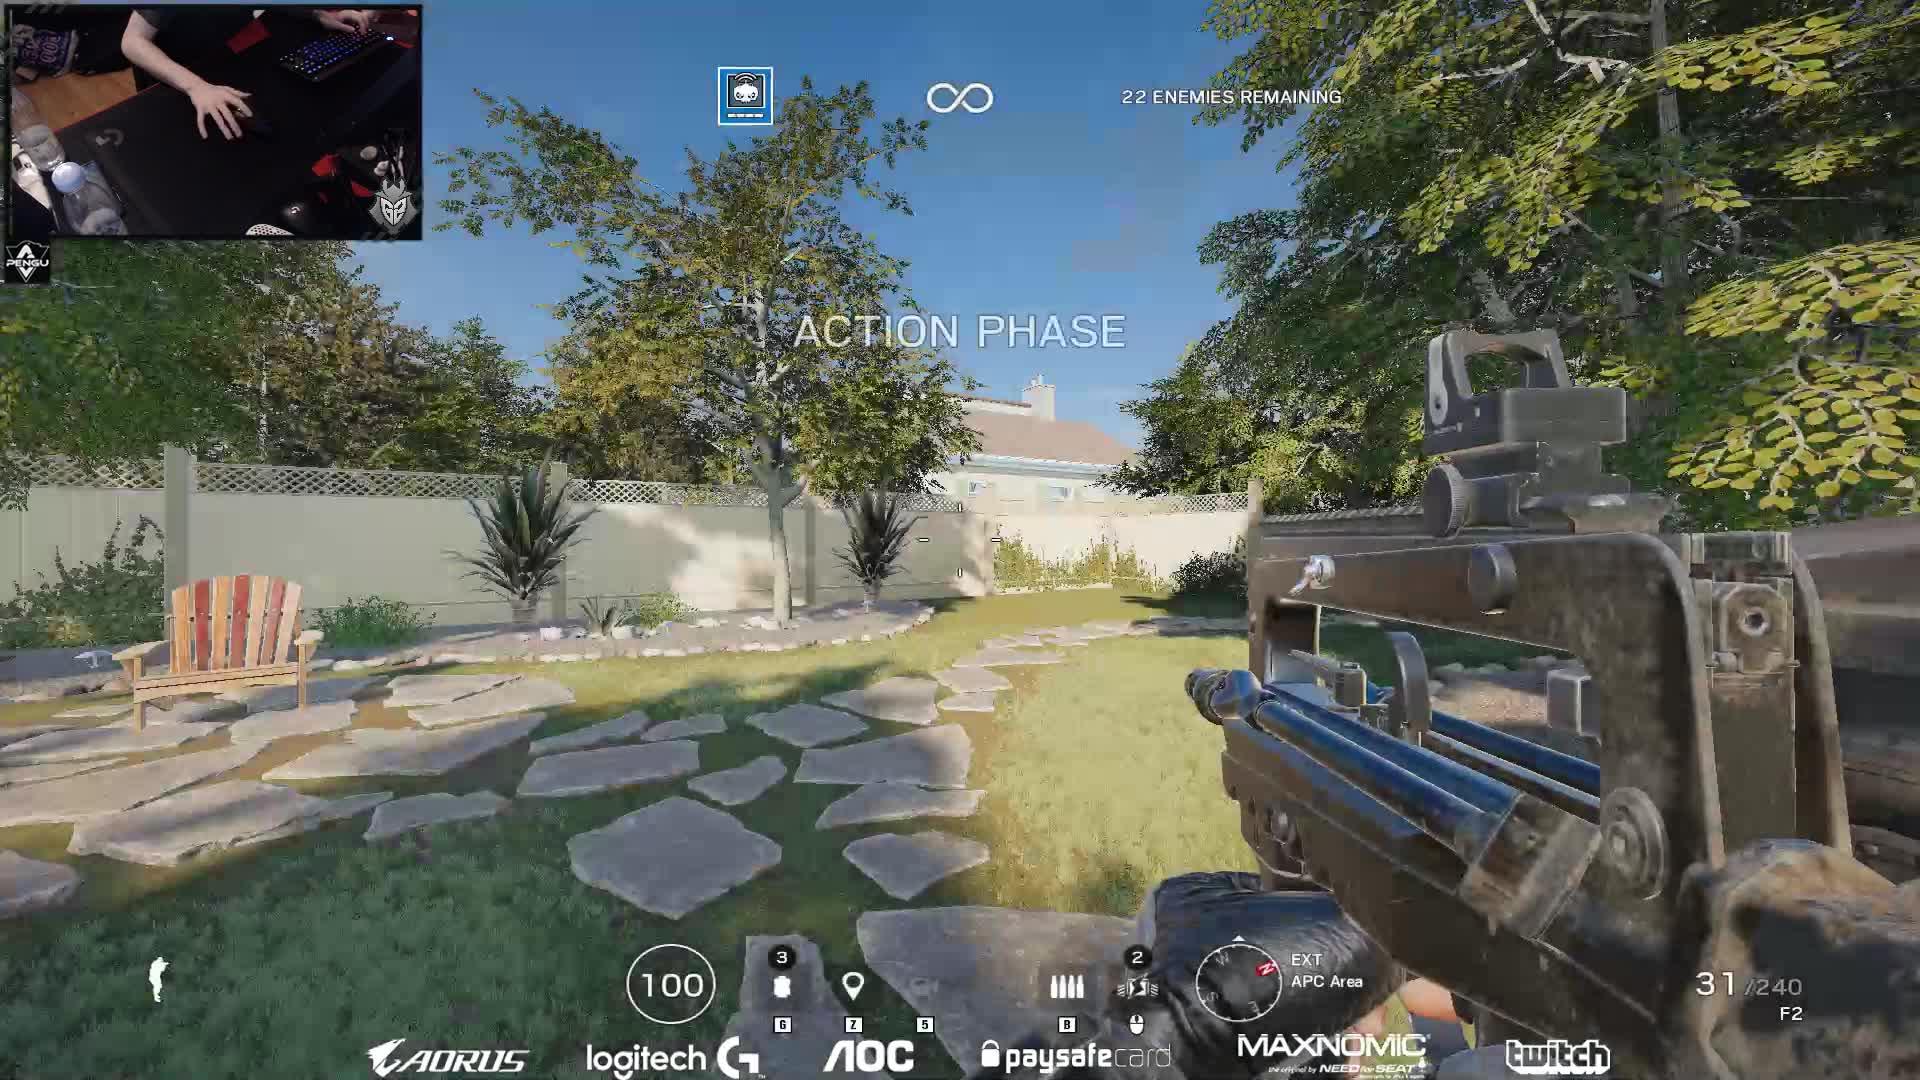 Pengu - pengus recoil control - Twitch